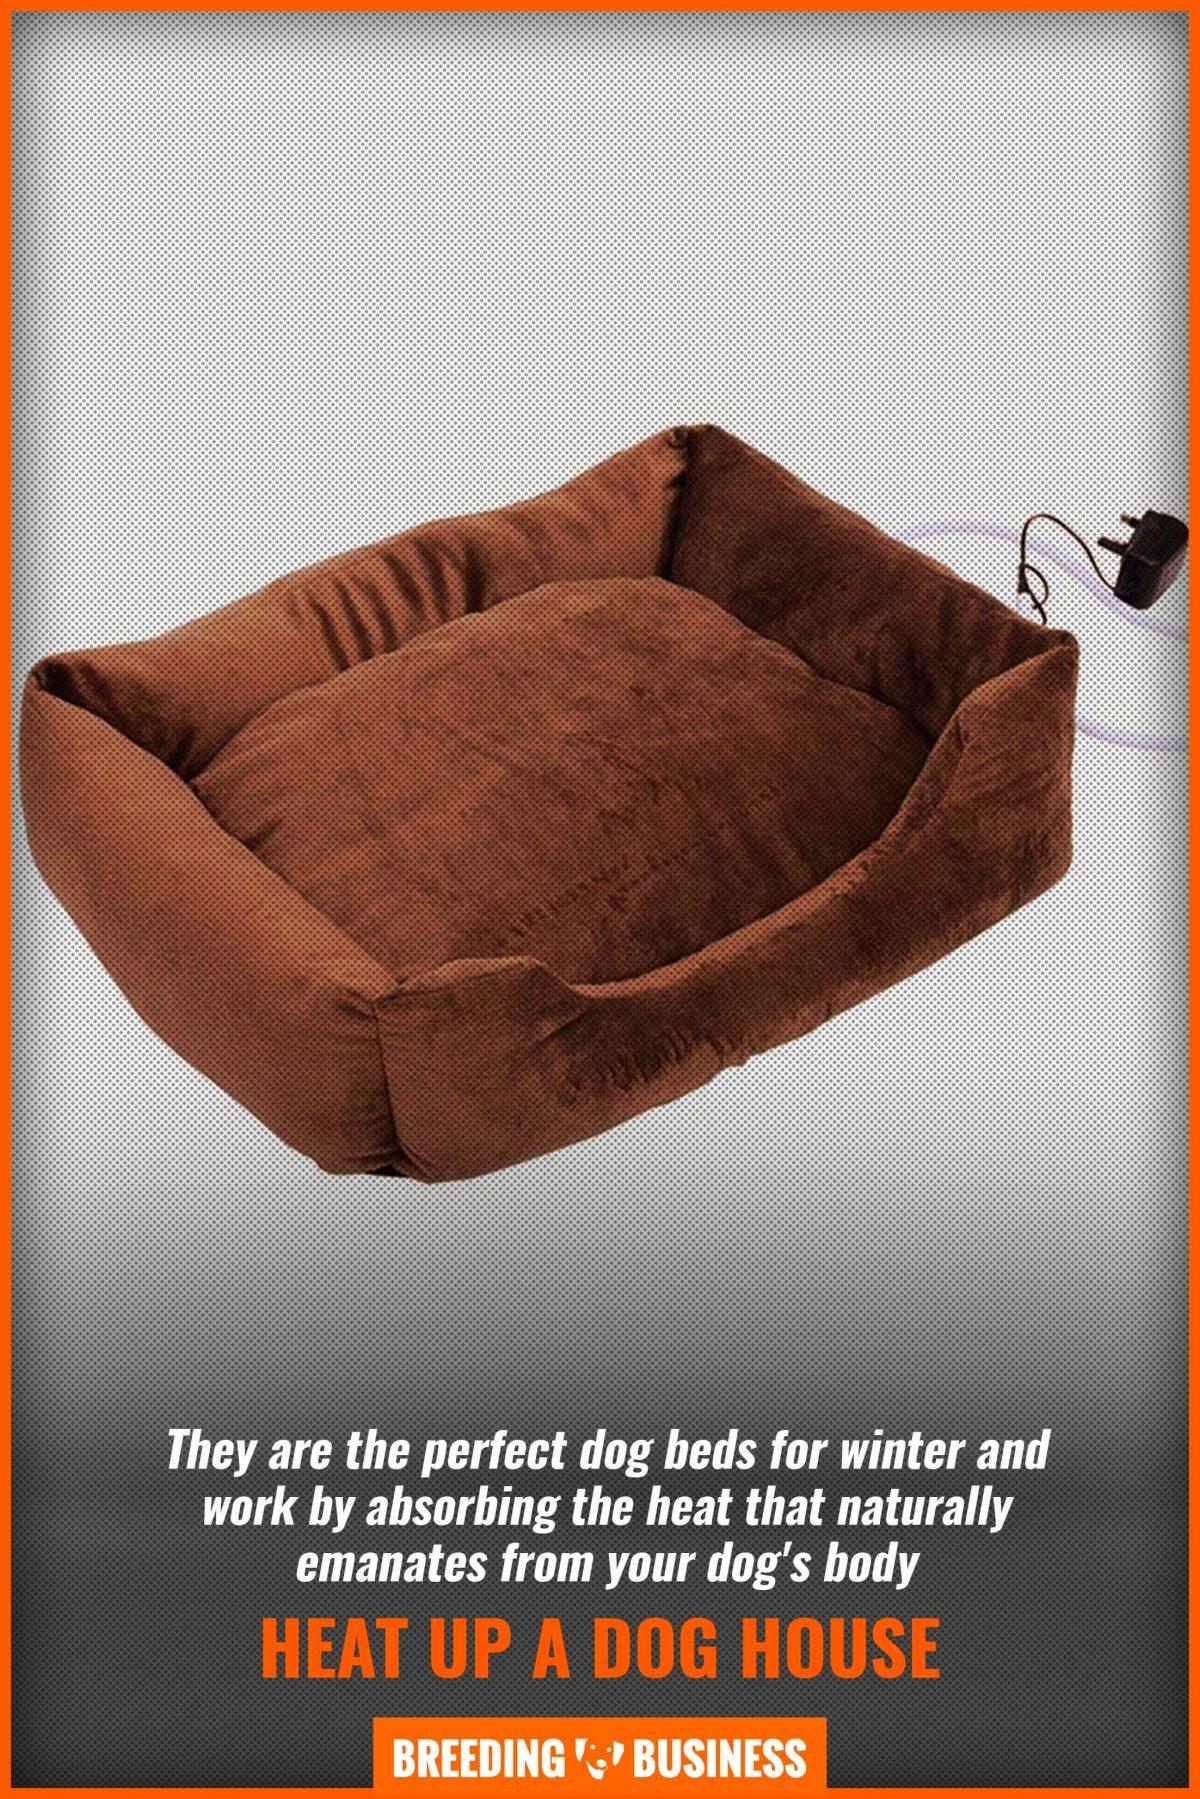 heat up a dog house